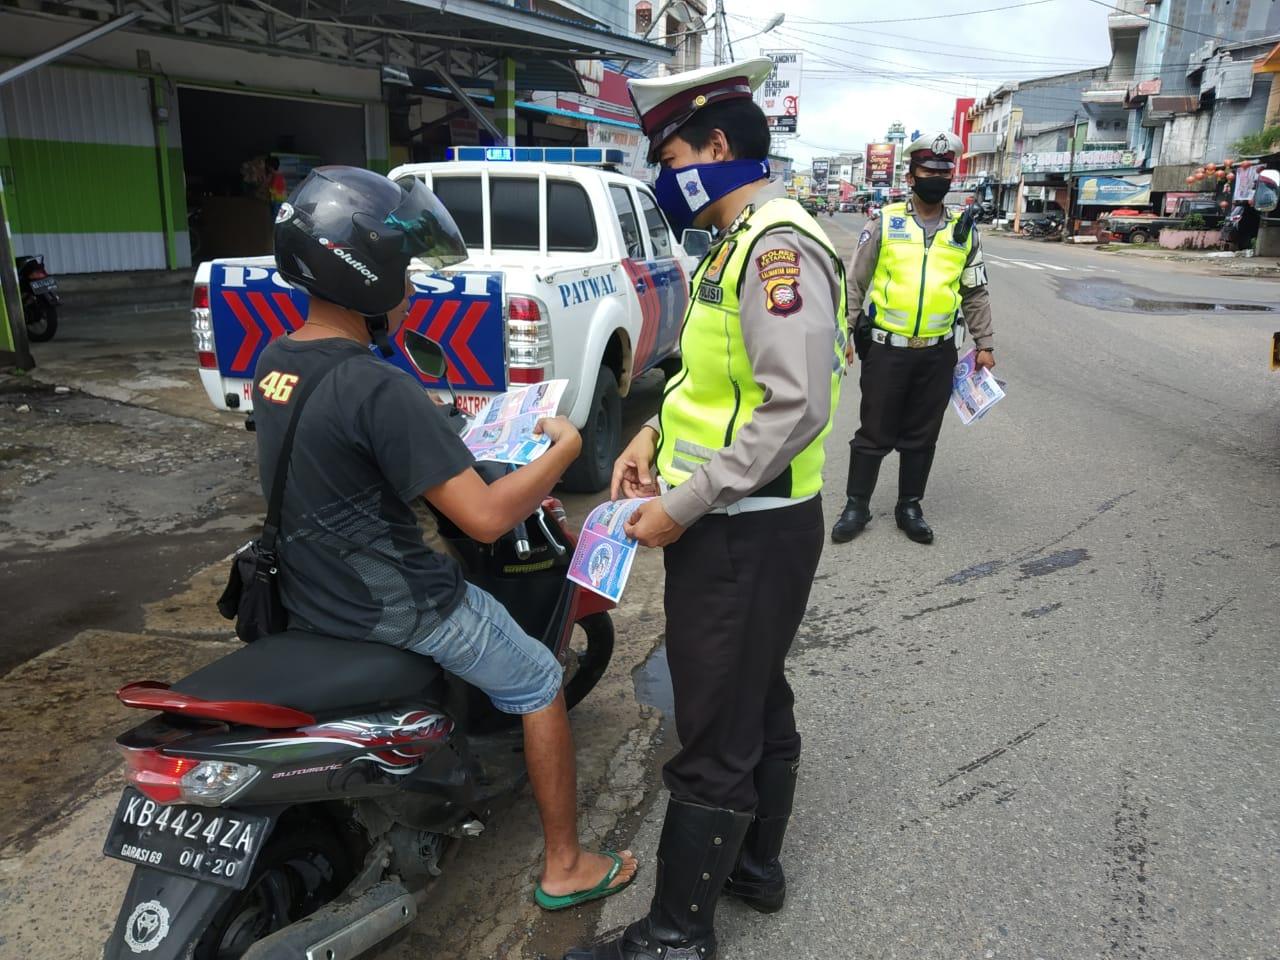 Wujud Peduli Masyarakat, Satlantas Polres Ketapang Patroli dan Bagikan Masker